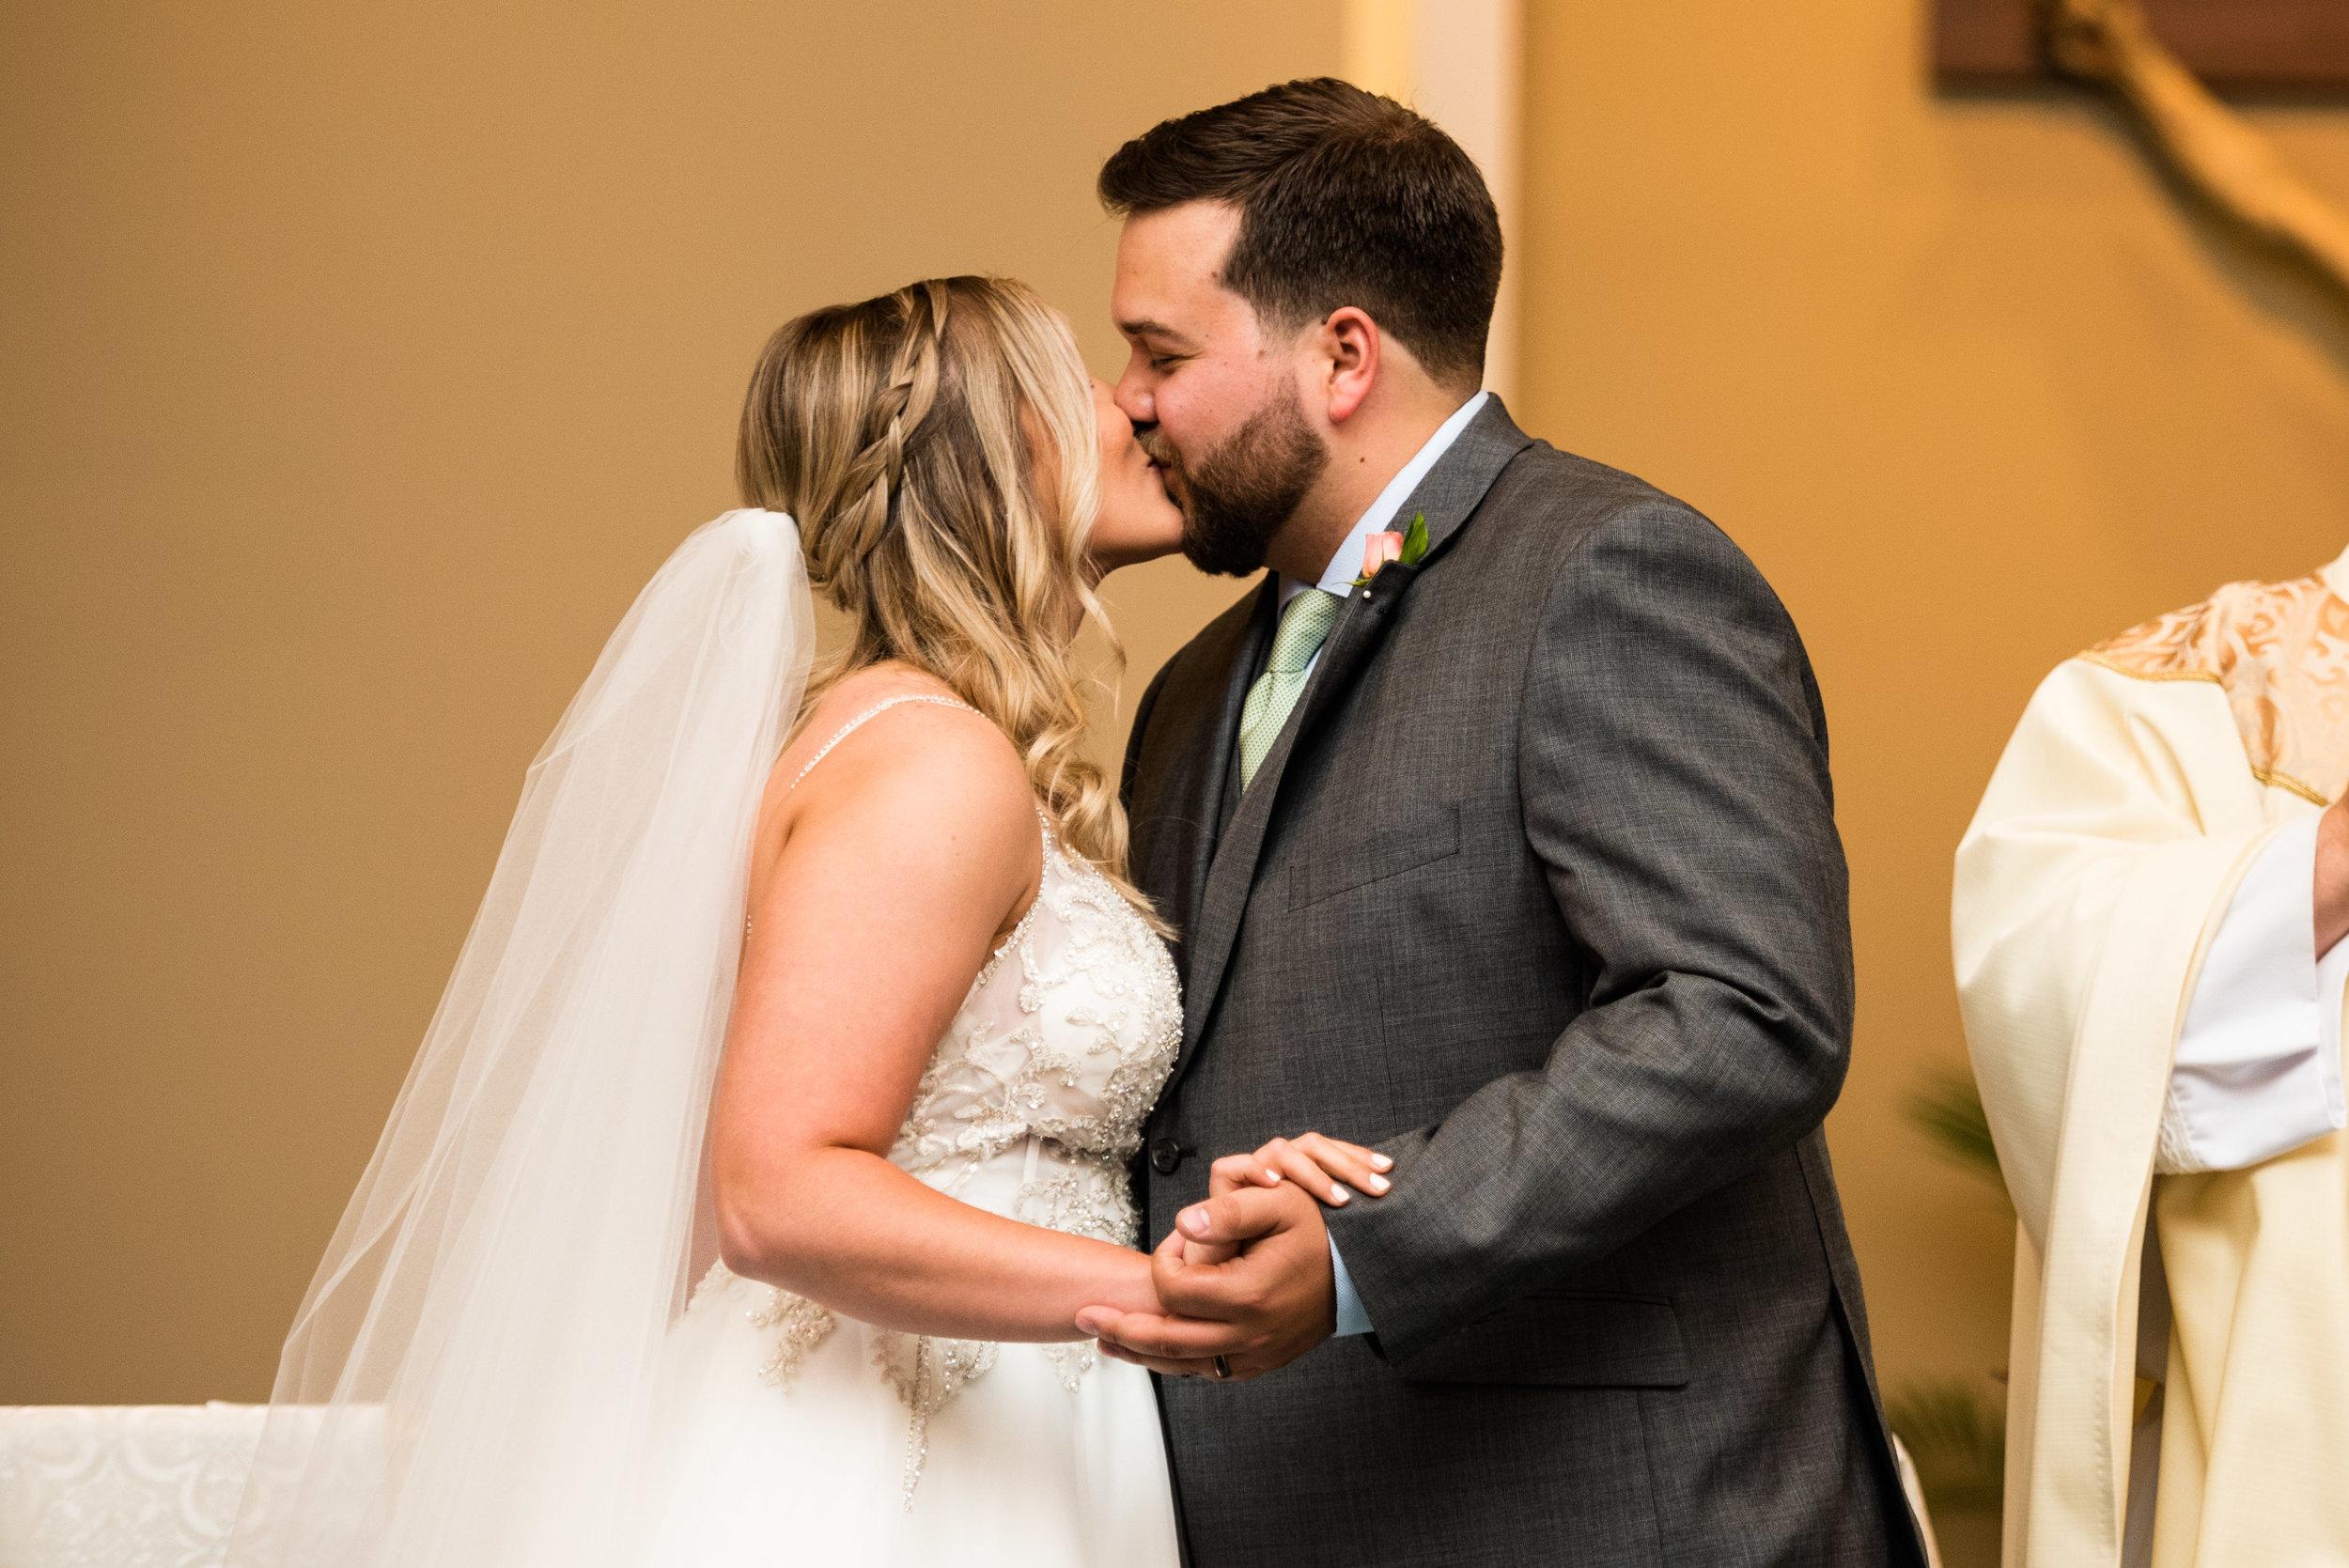 toledo ohio wedding ceremony photography